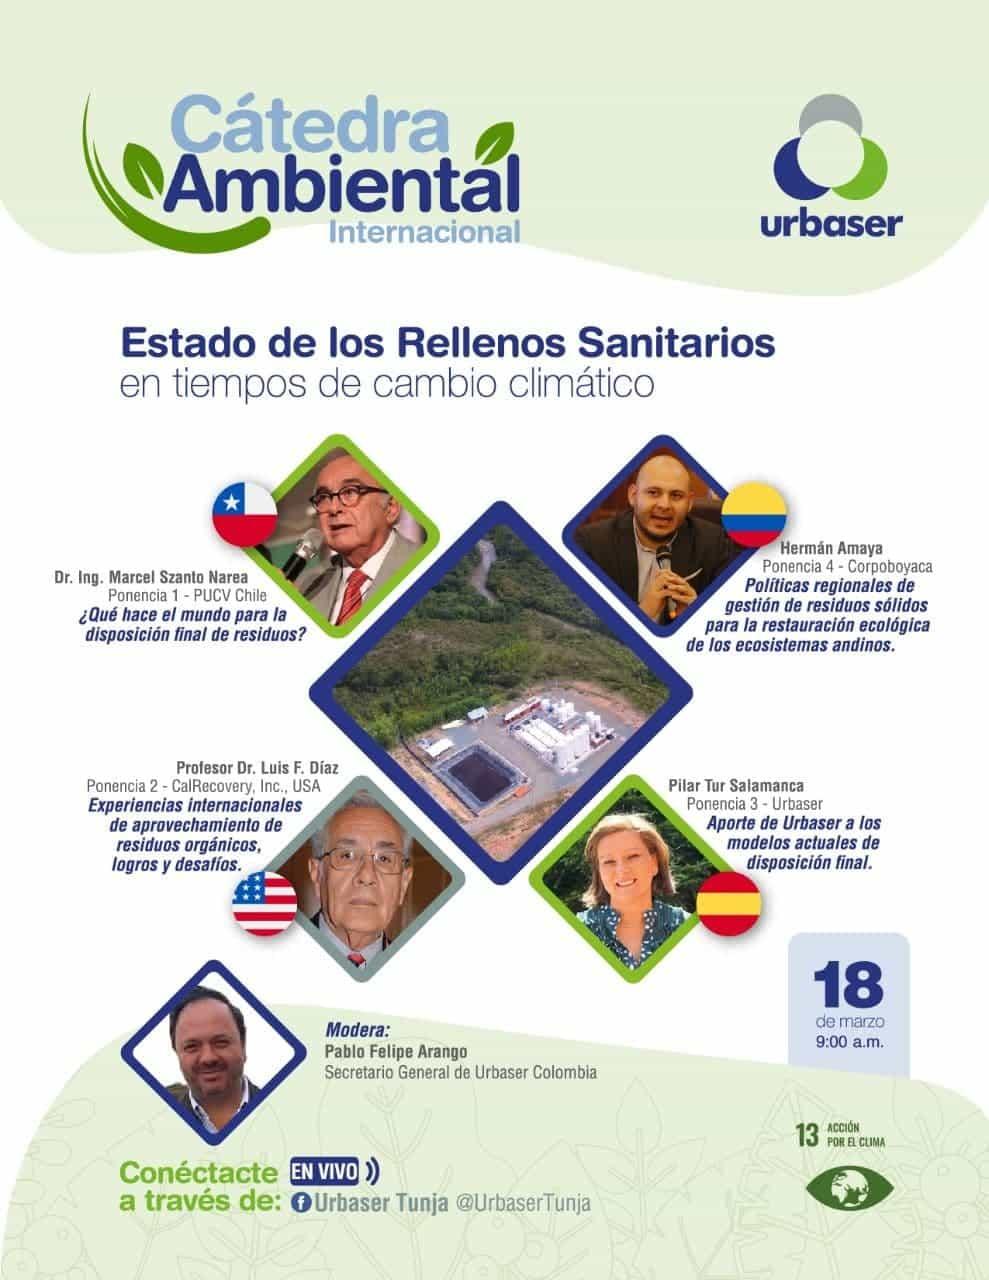 Rellenos sanitarios y cambio climático en la cátedra ambiental de Urbaser 2